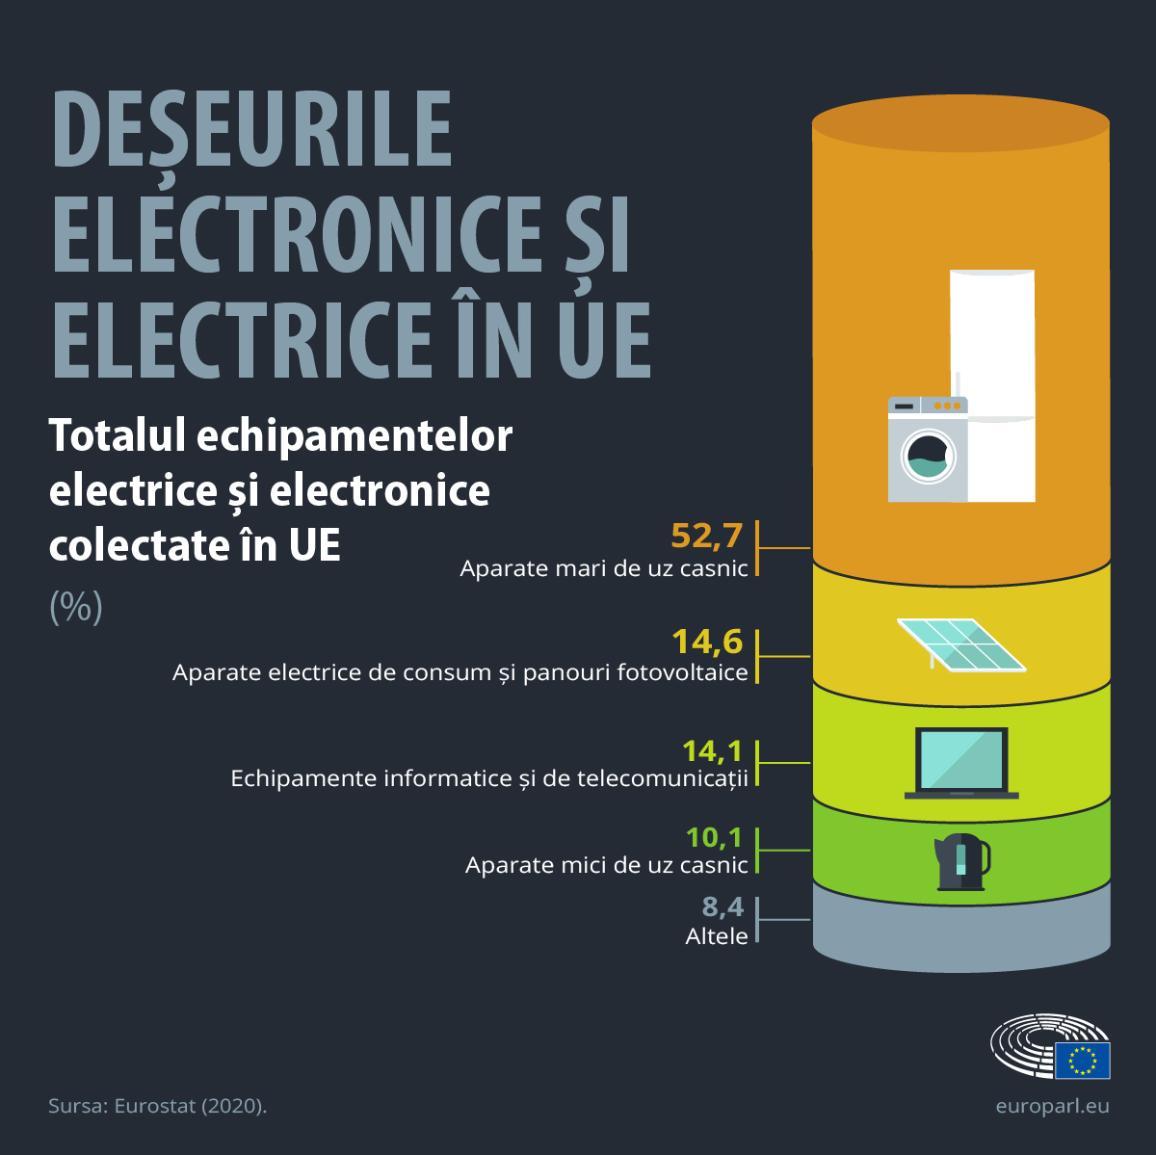 Infografic: procentul de deșeuri electronice pe tip de aparat în UE